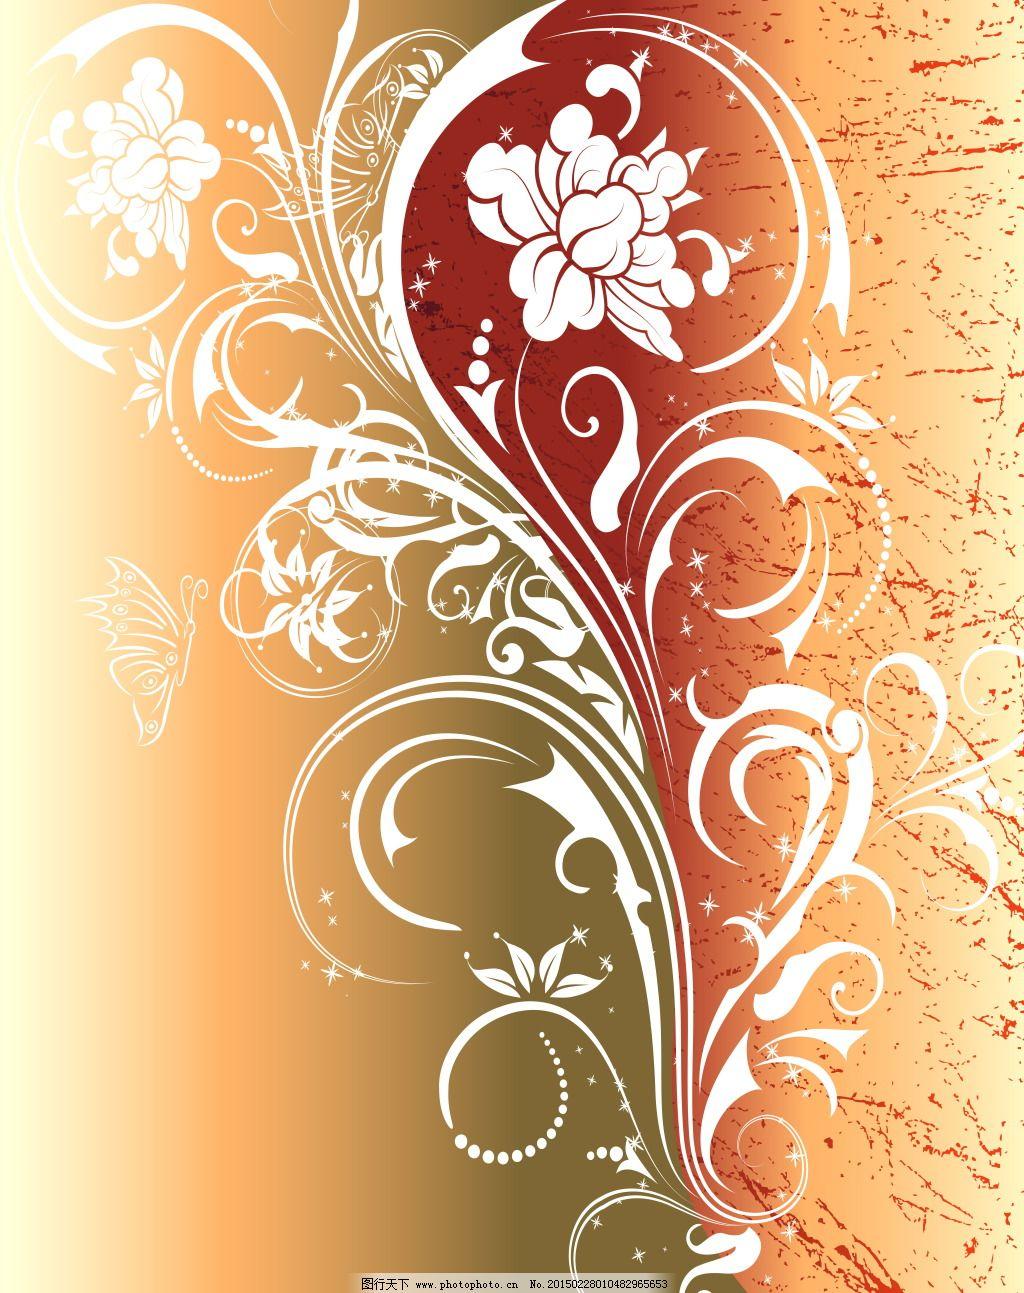 欧式花纹移门图案免费下载 牡丹 牡丹花纹 白色花纹 白色花朵 线条